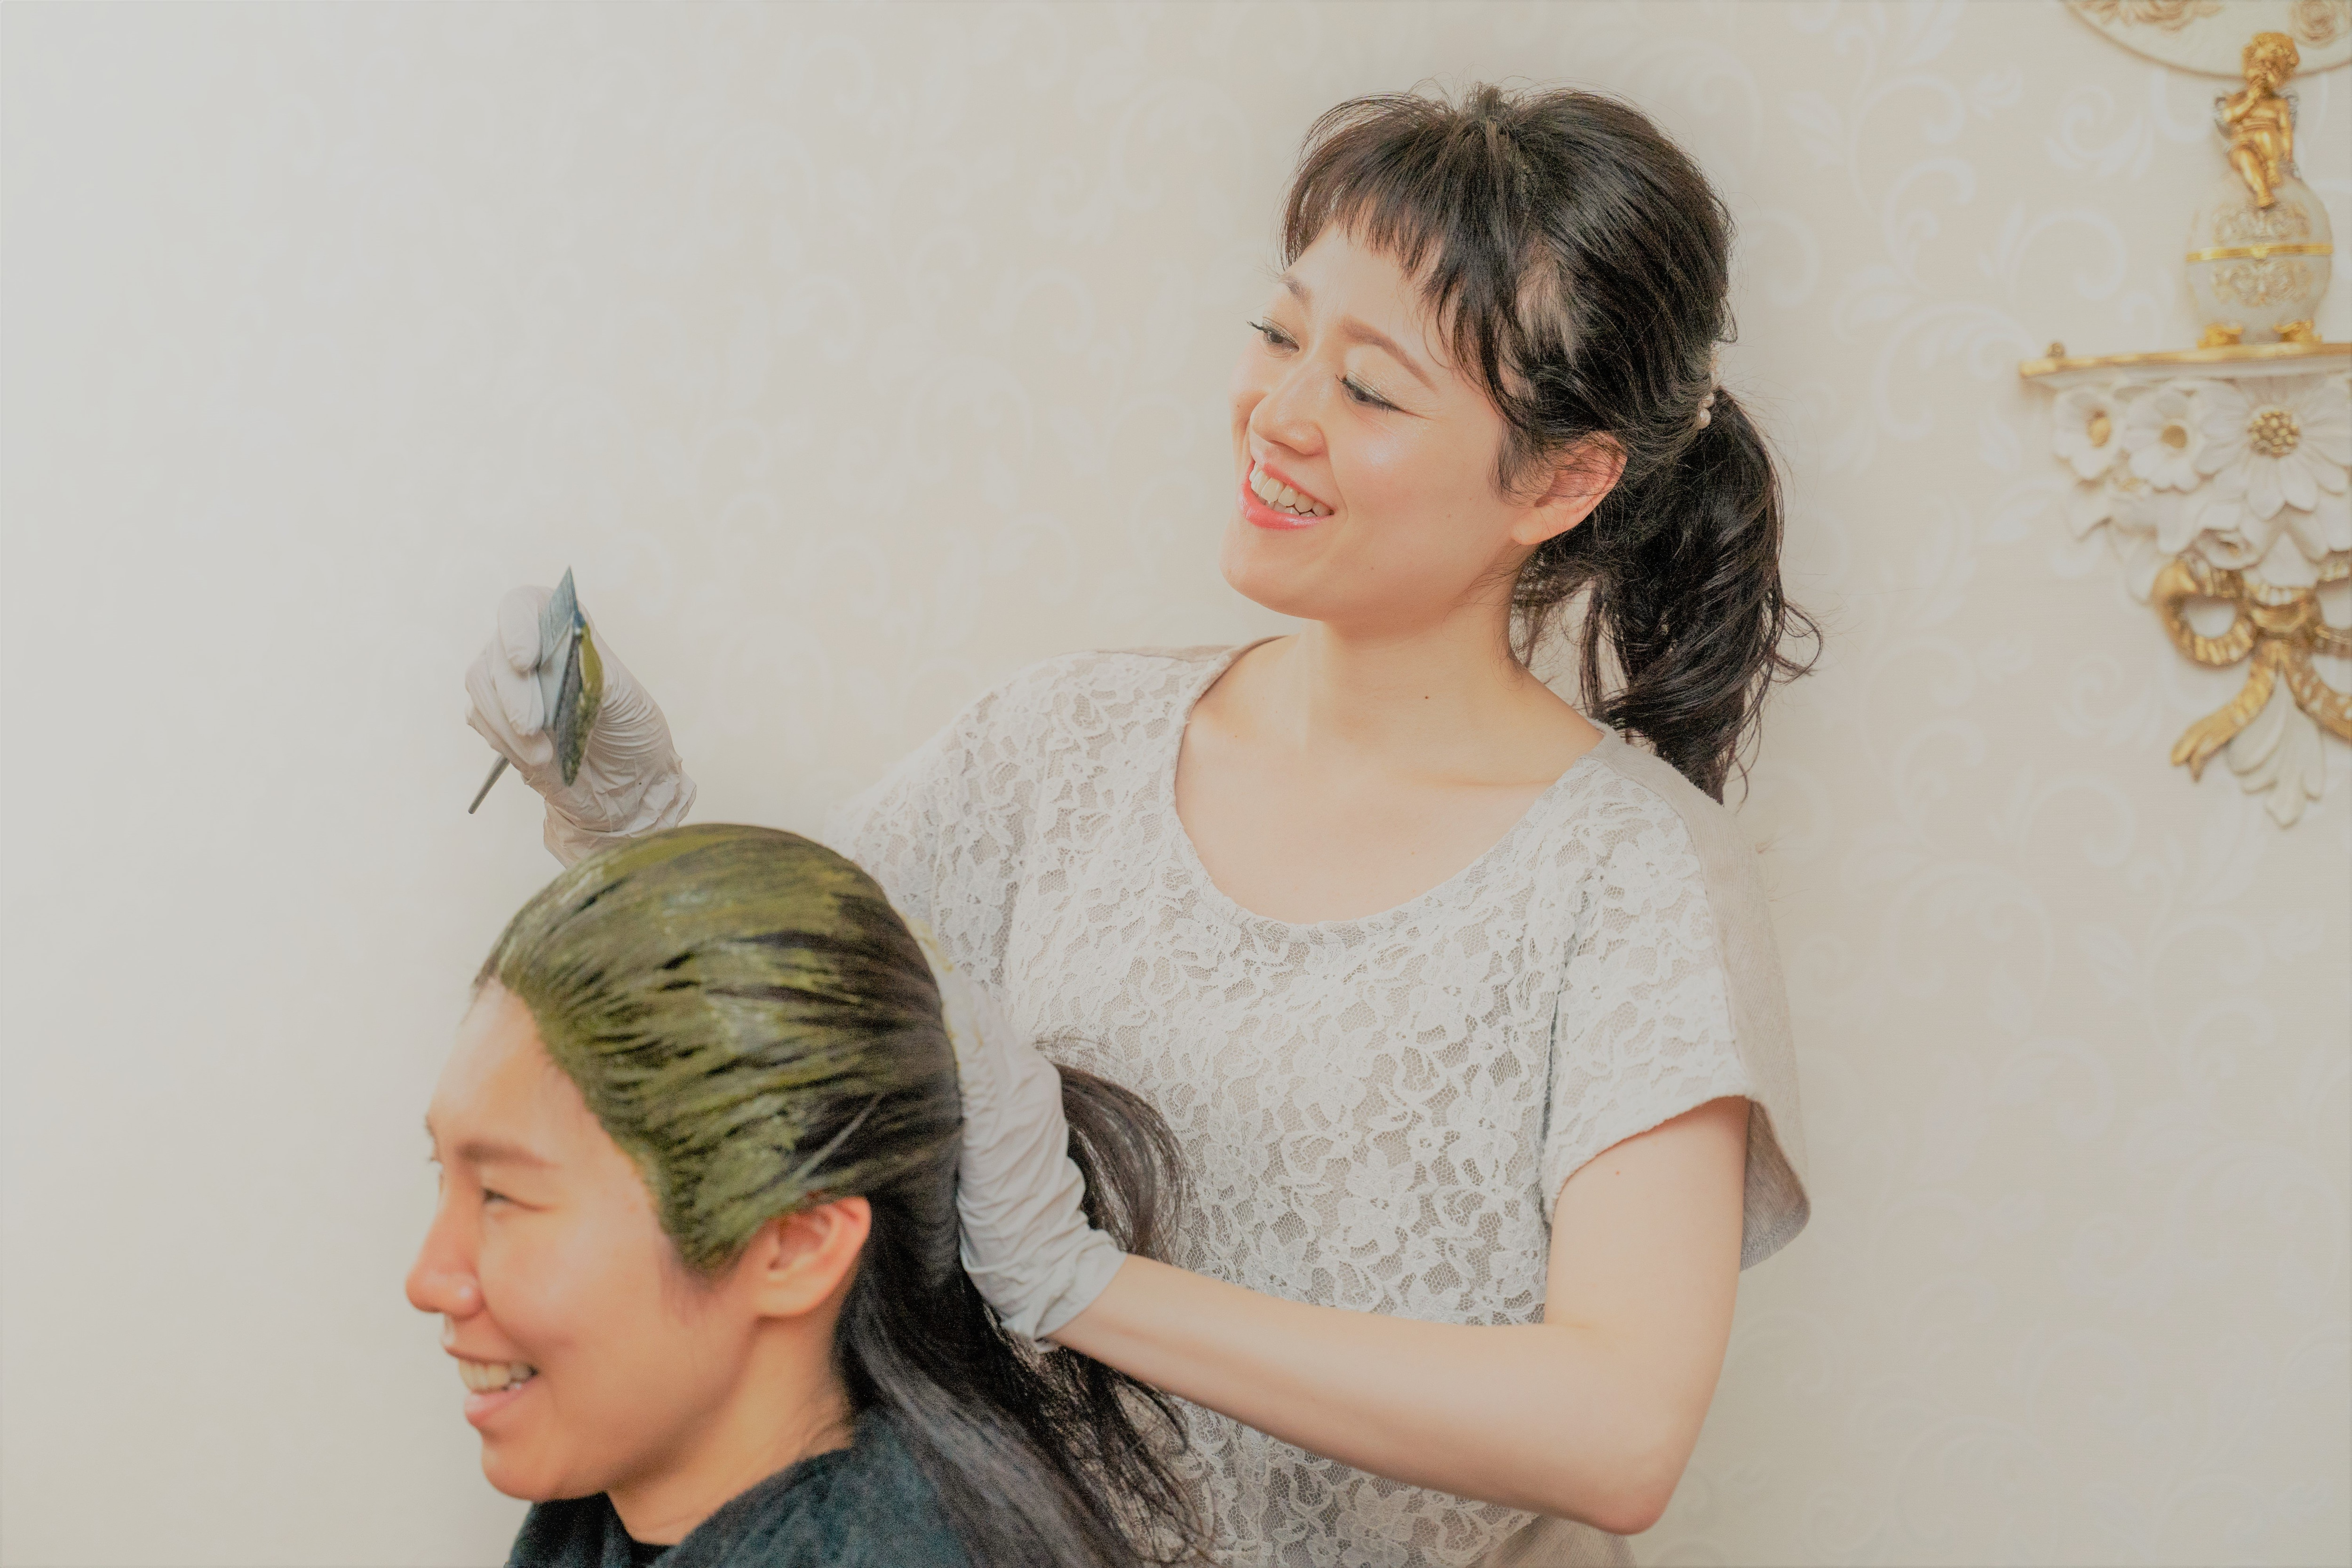 髪質改善&デトックス【ヘナトリートメント】〜セミロング(Ⅰ)〜のイメージその1